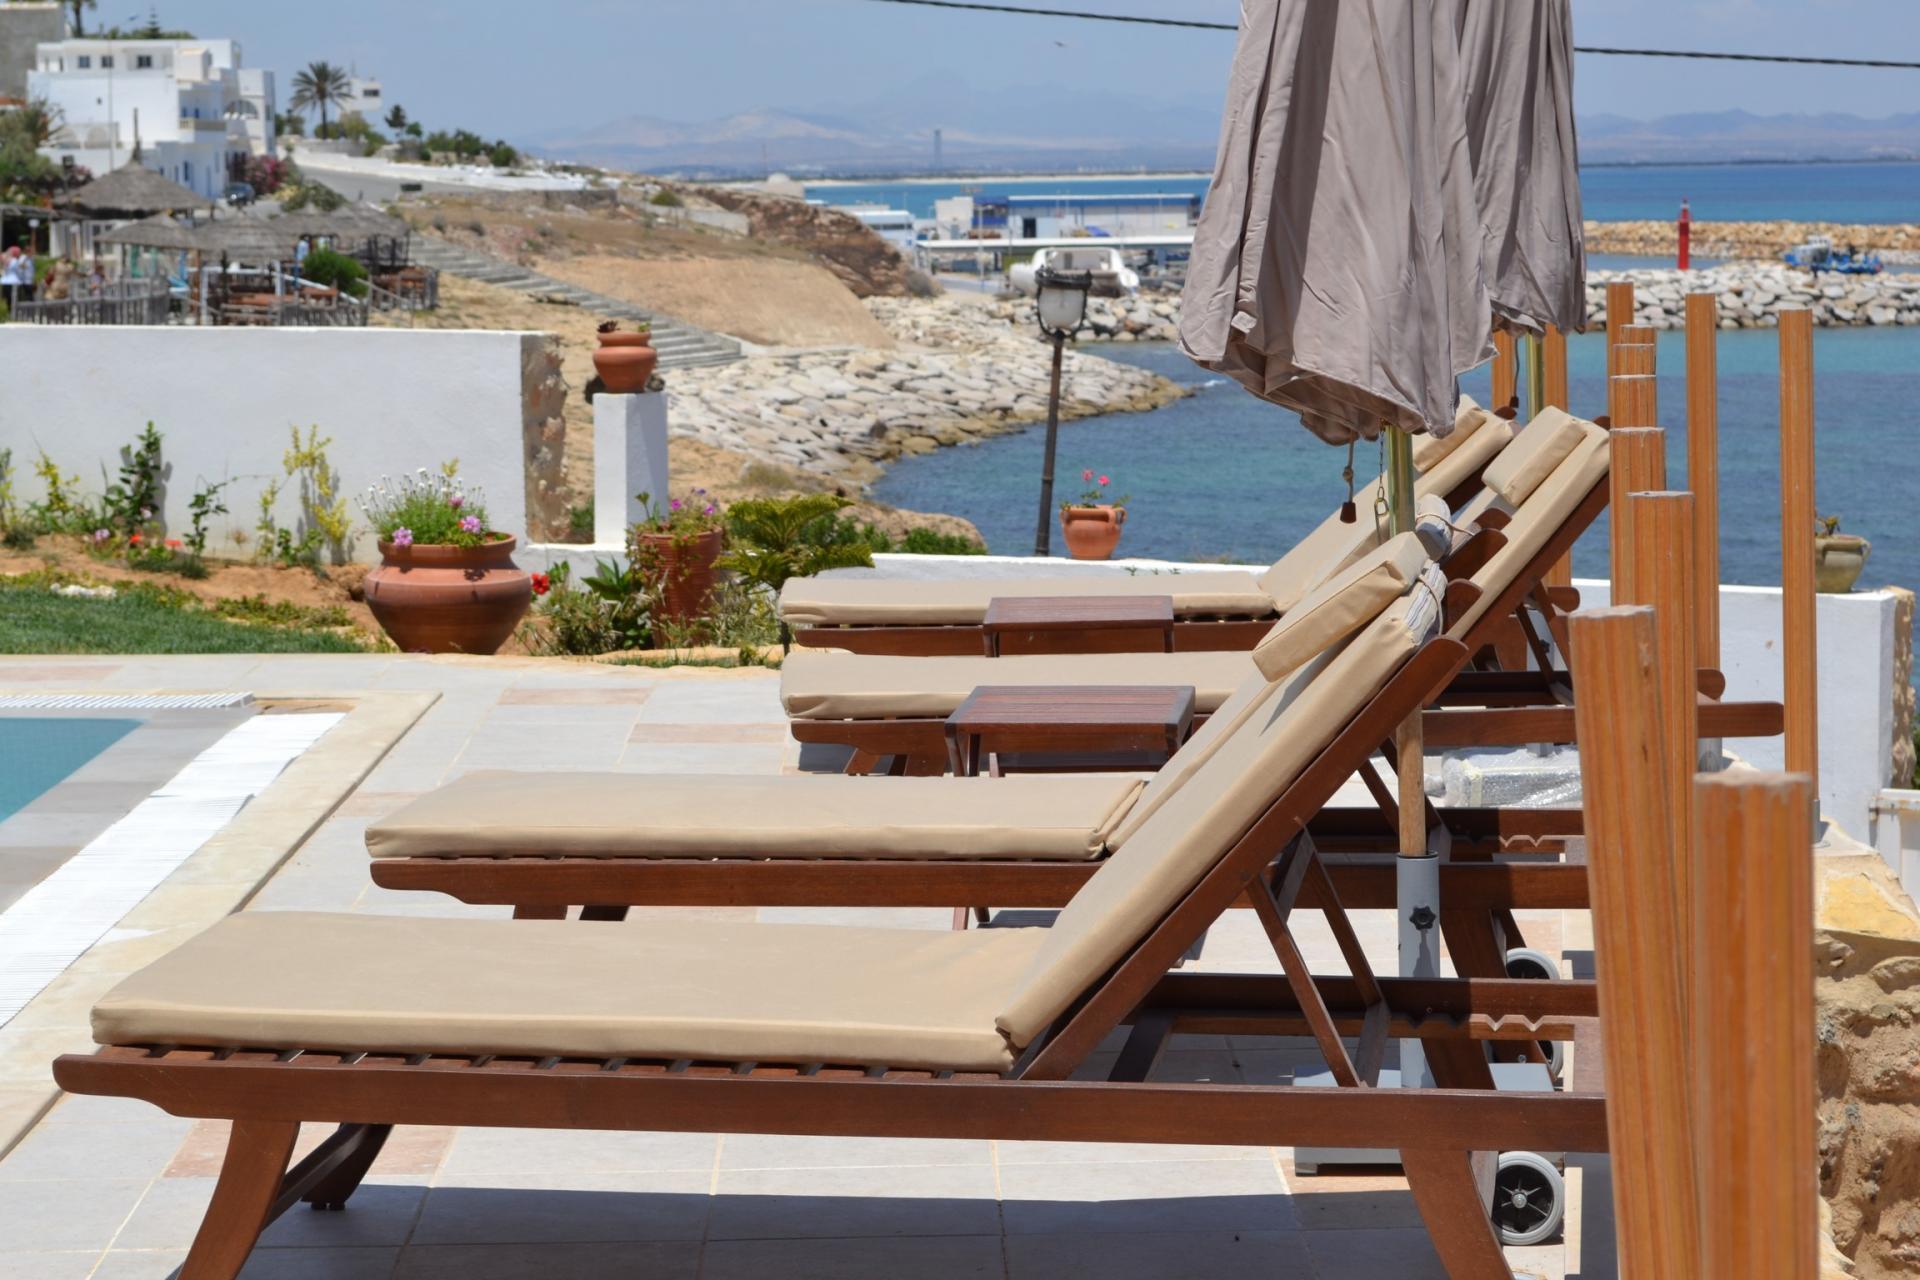 Dar hergla la maison et chambre d 39 h te hergla en tunisie - Chambre d hote port des barques ...